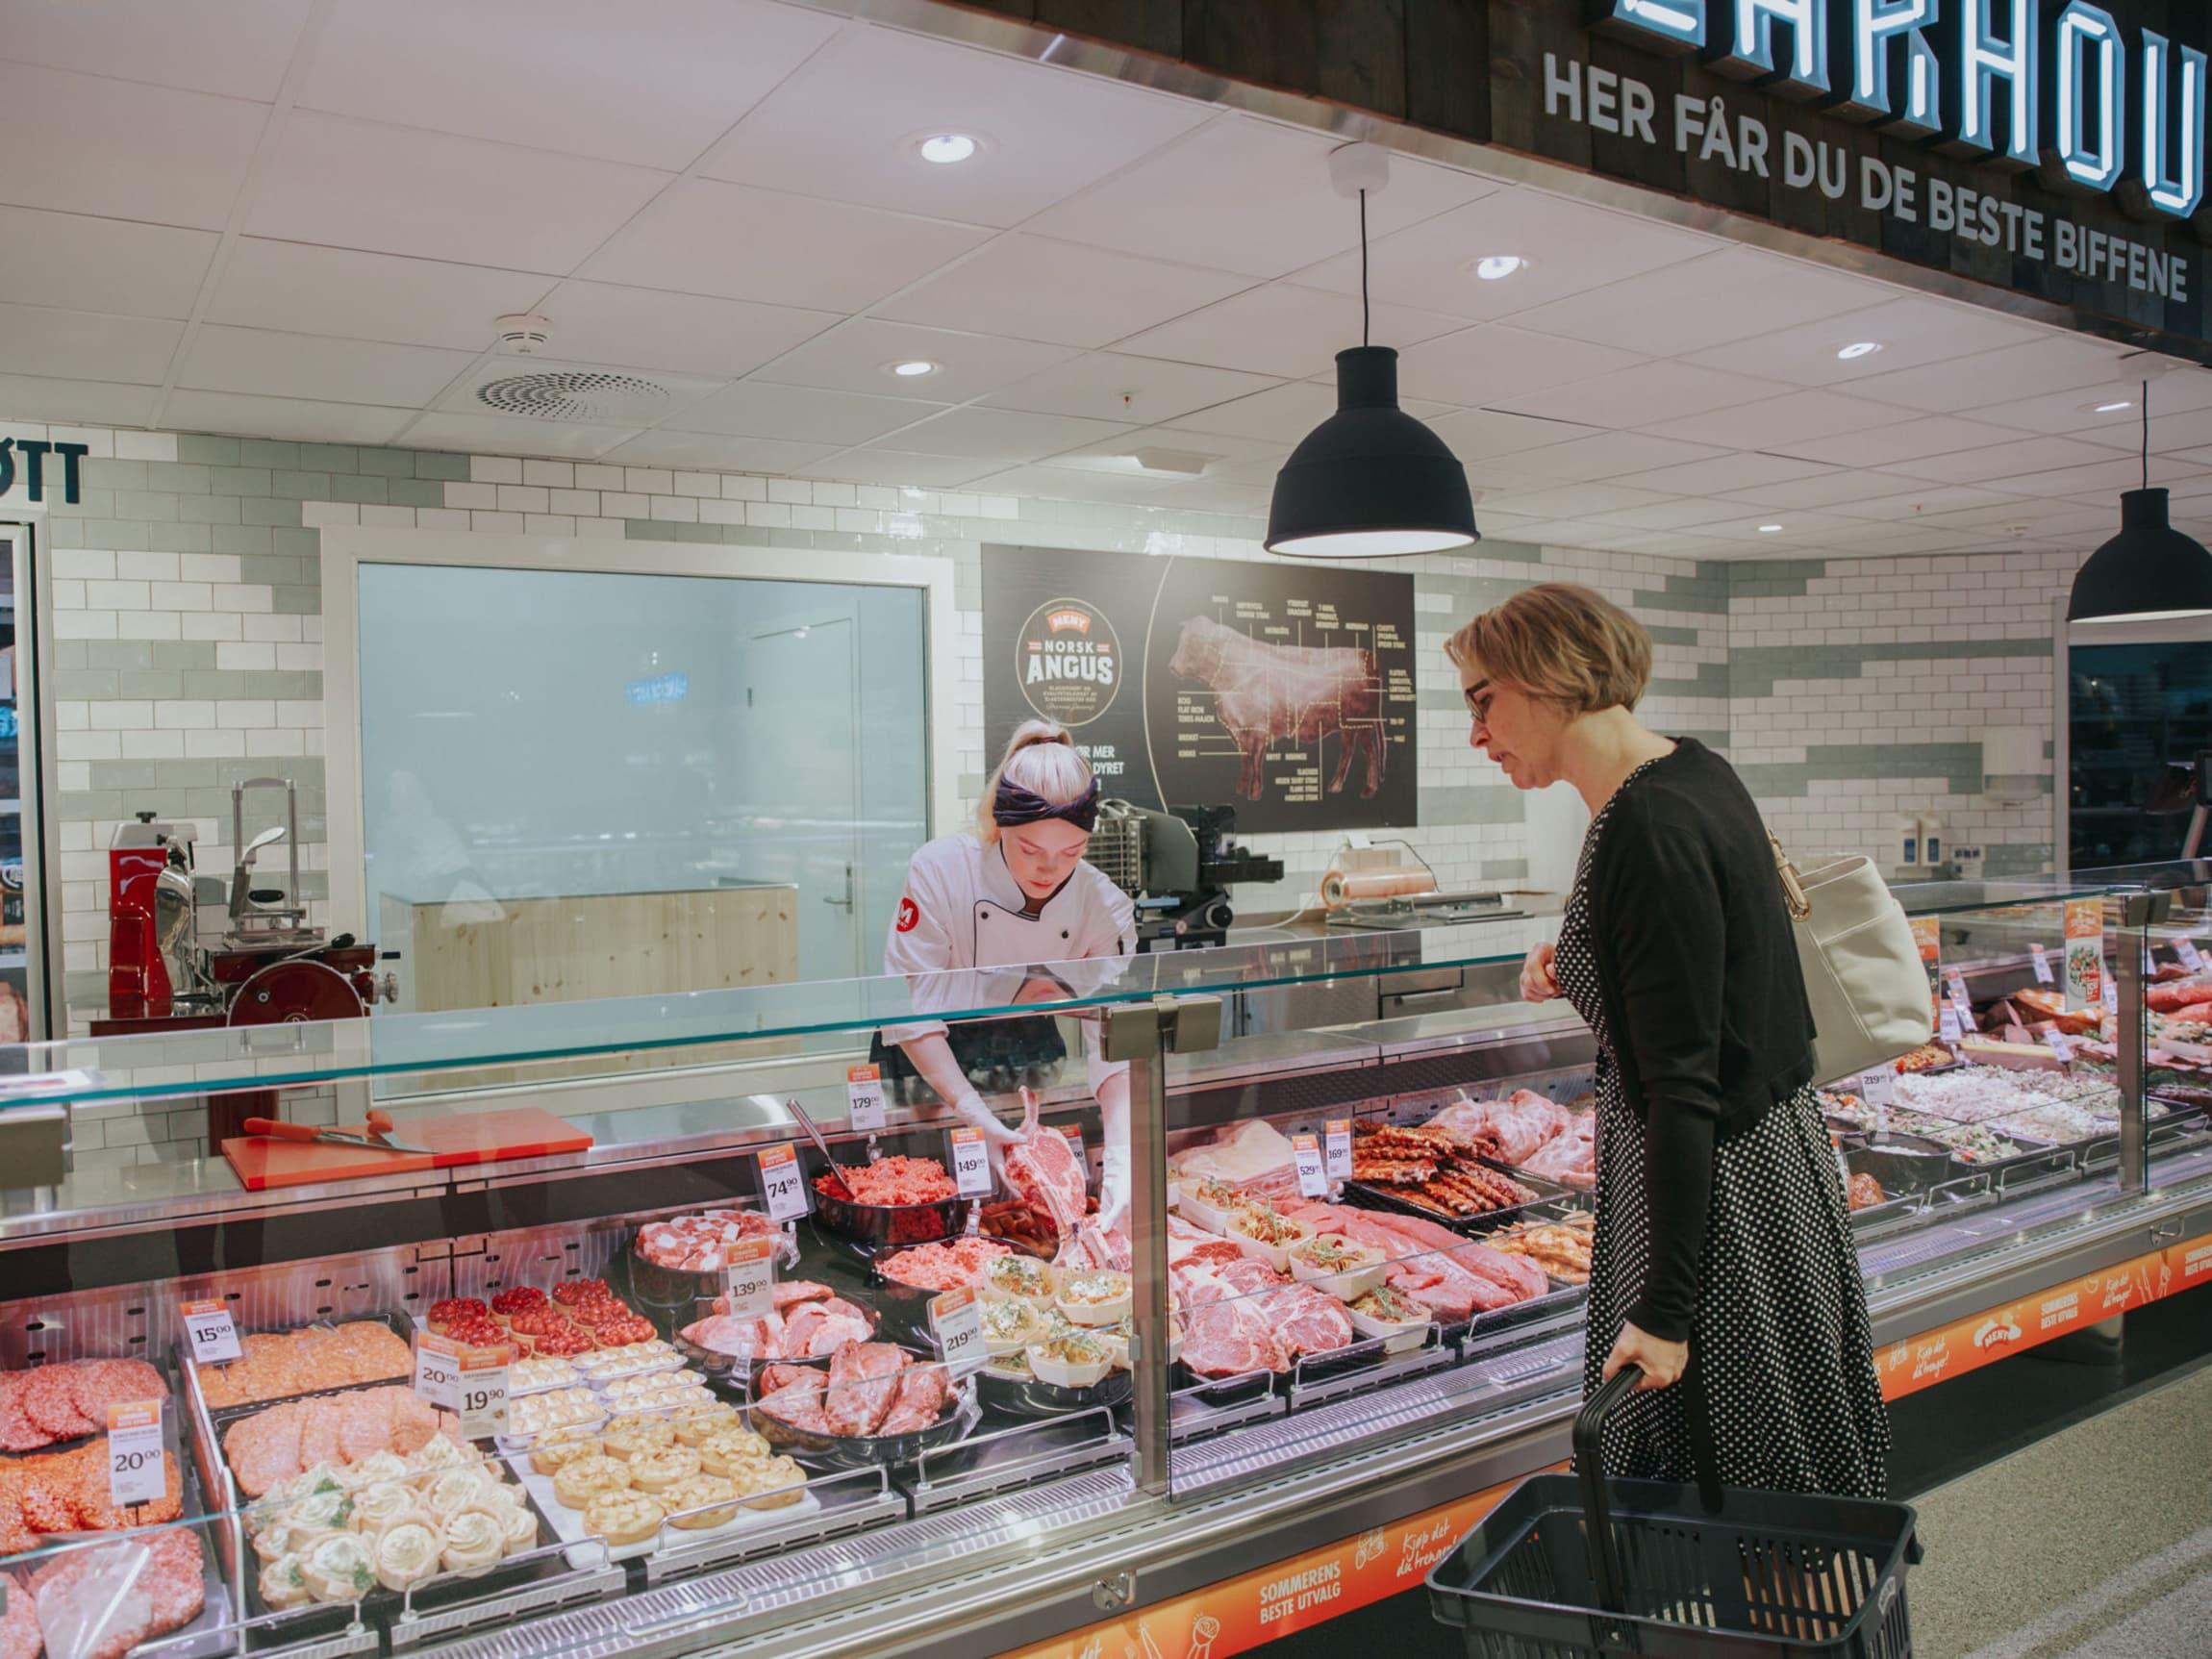 Med færre restaurantbesøk i 2020 har vi økt råvarekvaliteten hjemme på kjøkkenet.